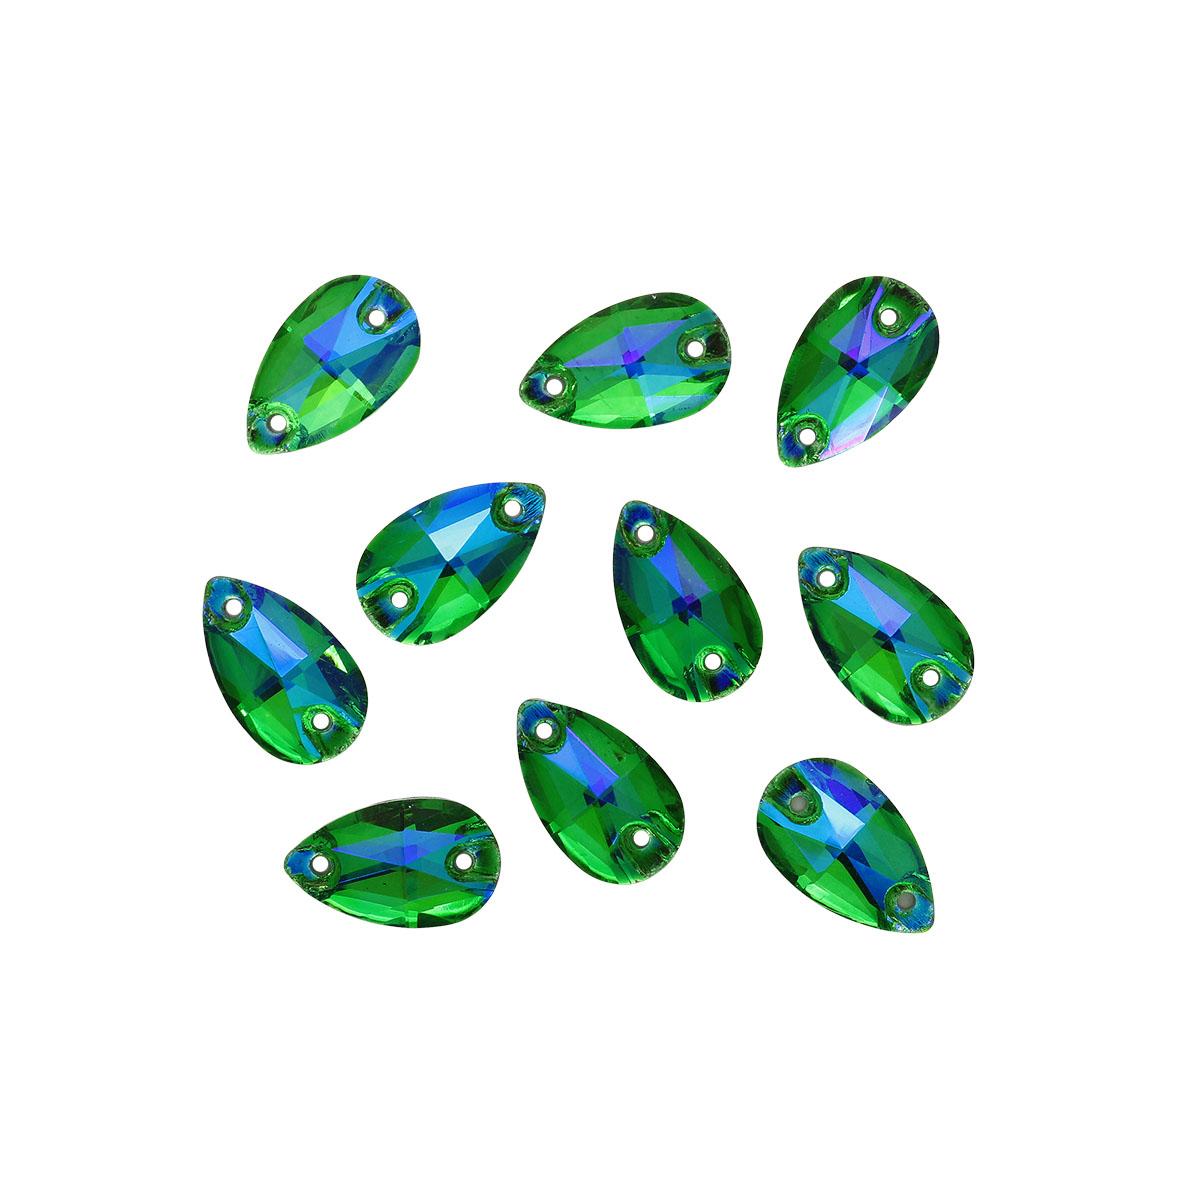 ХК009НН712 Хрустальные стразы пришивные формы 'капля', зеленый с синим покрытием AB 7х12 мм 10 шт/уп